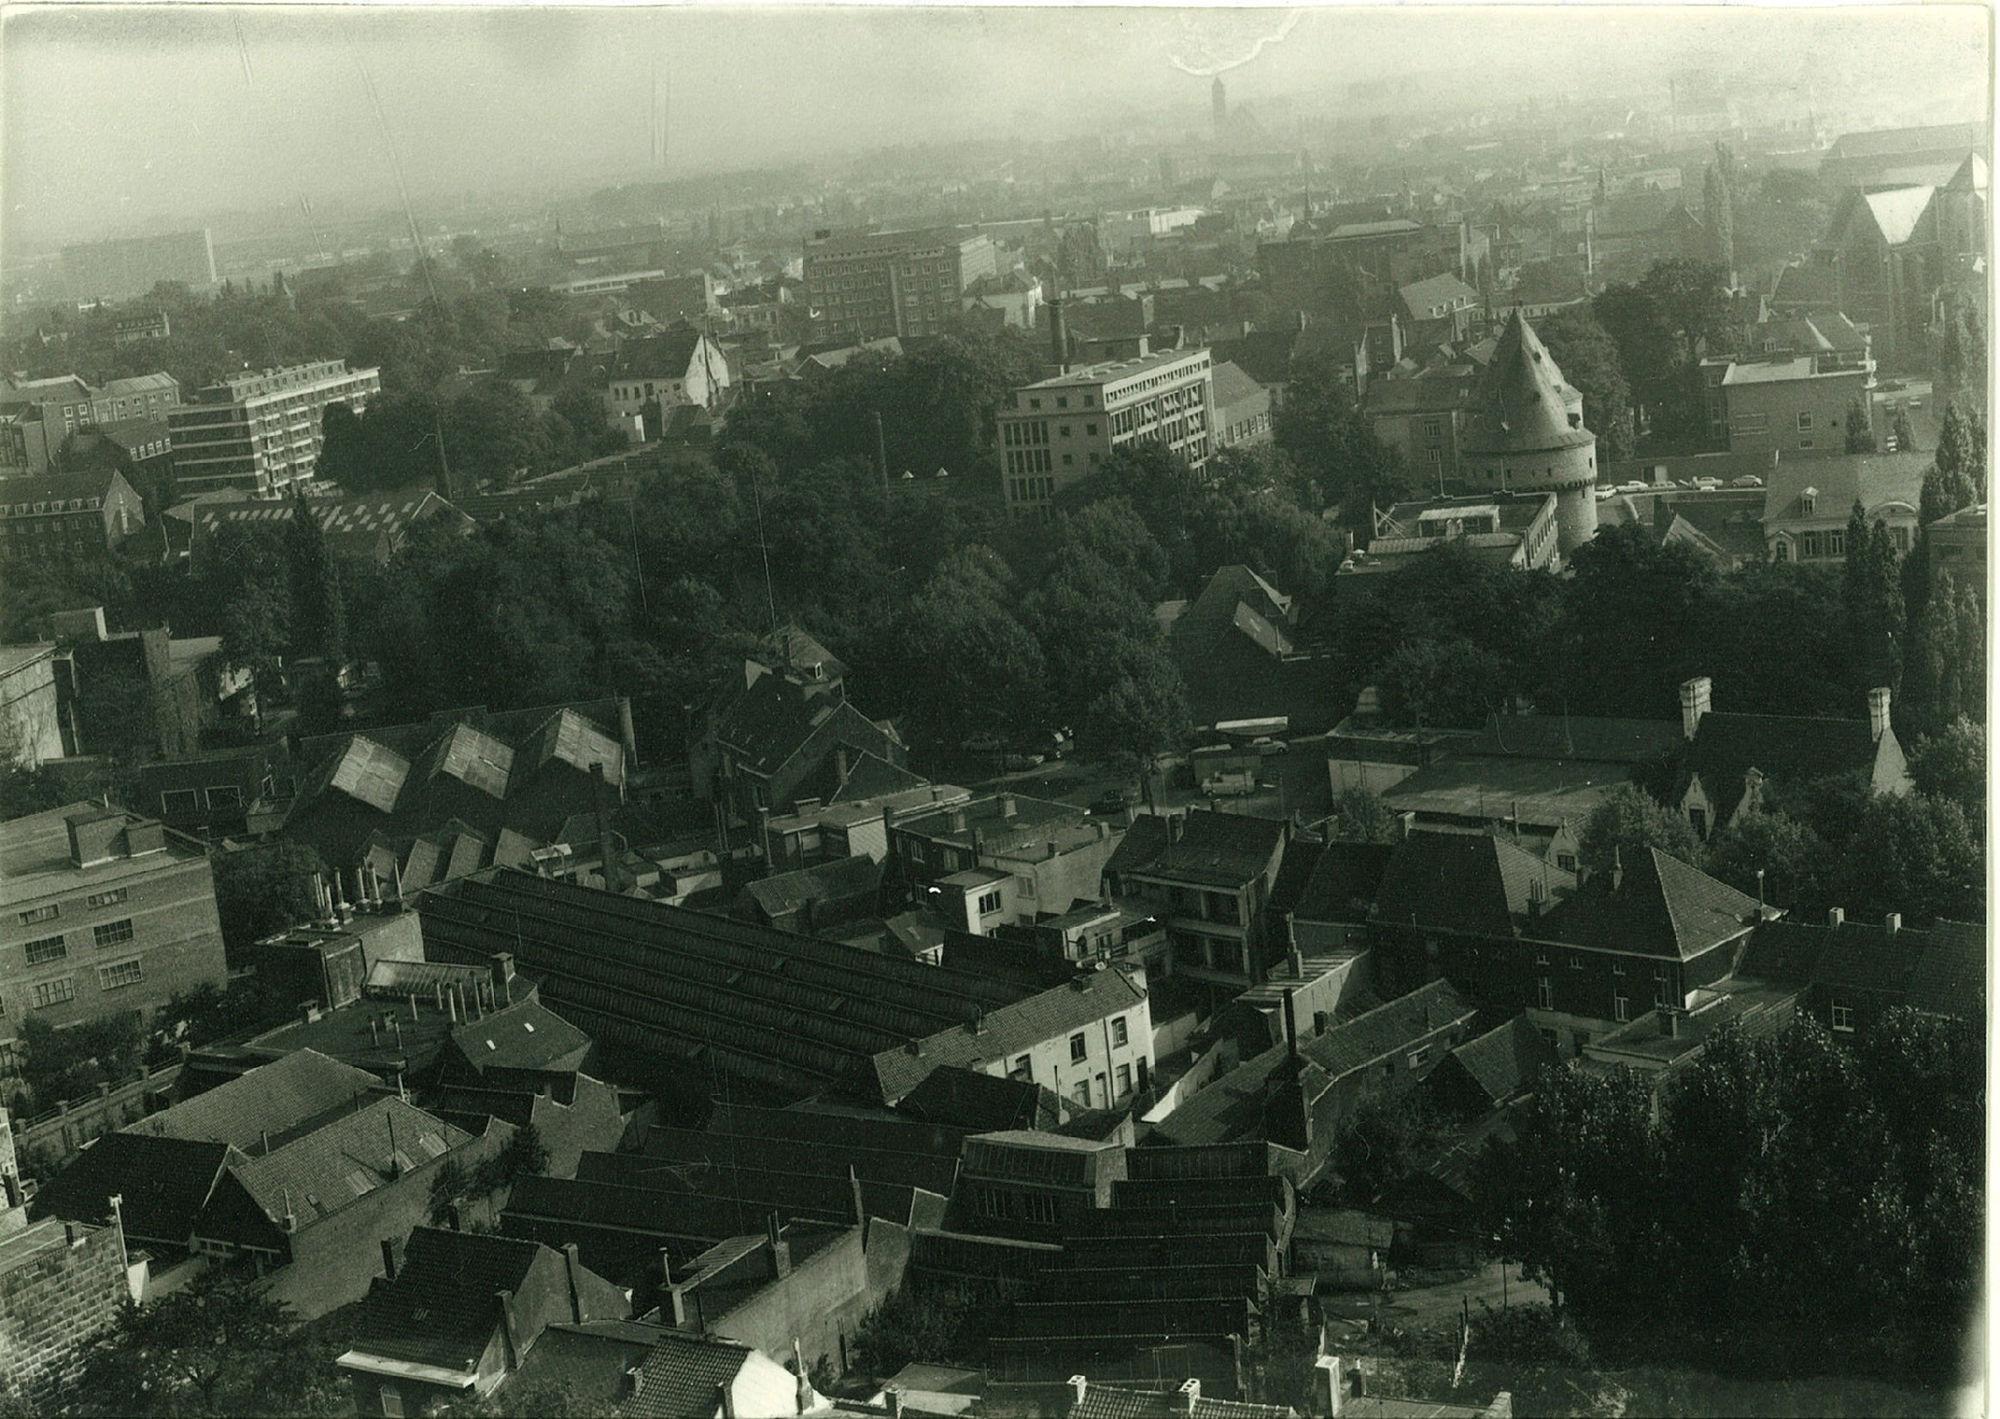 Luchtfoto met onder andere Broeltorens